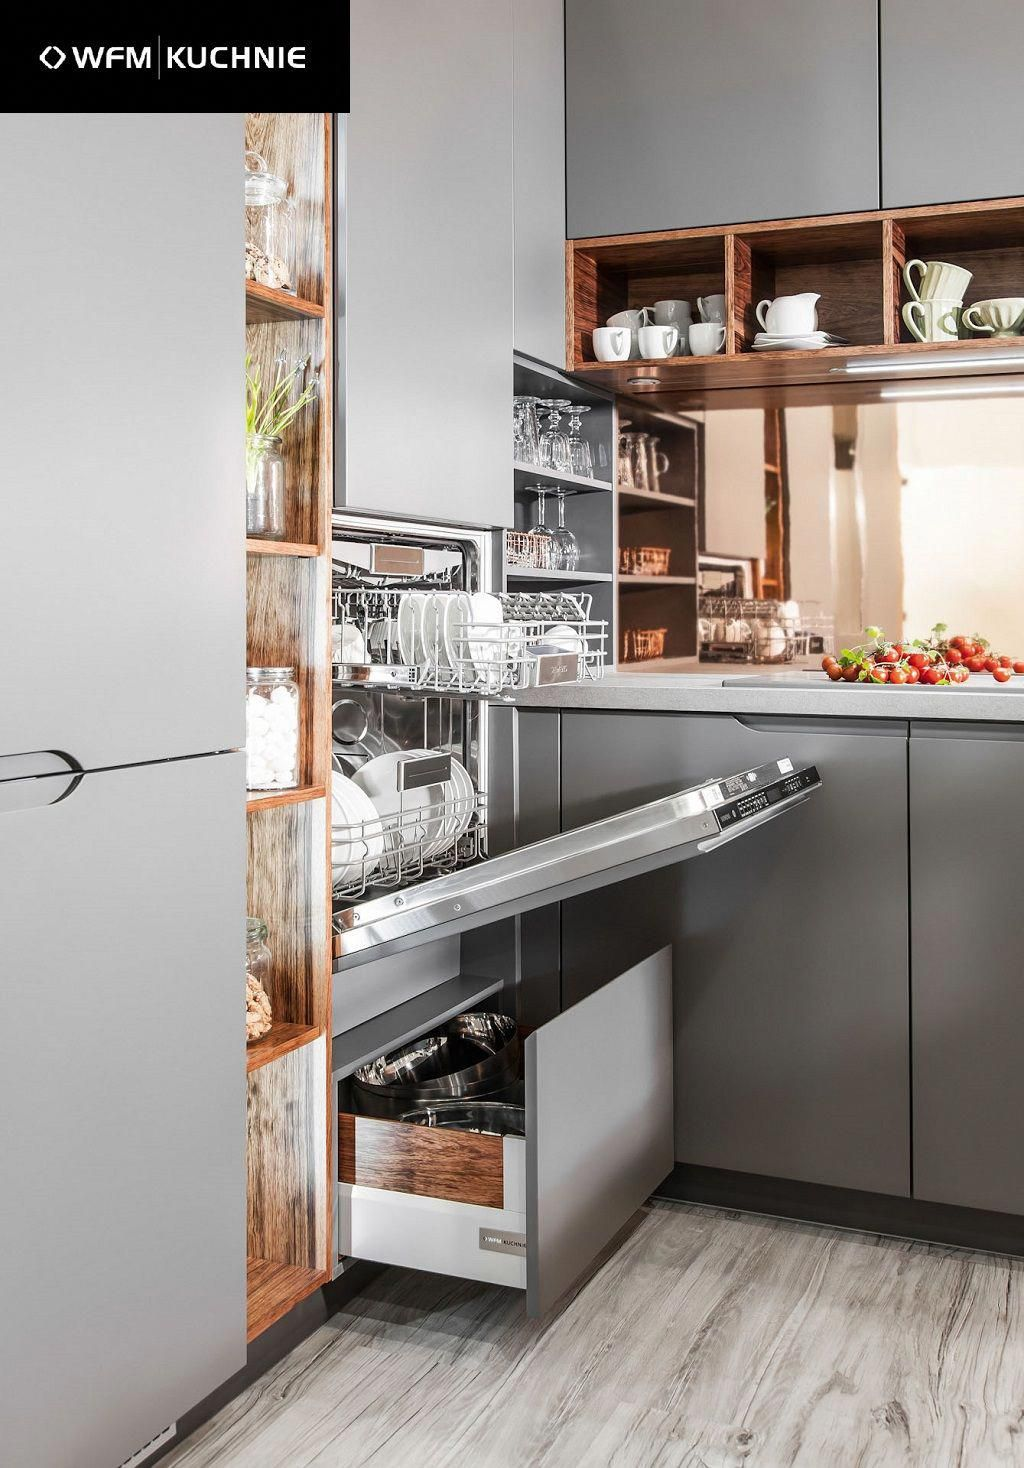 Colonna Dispensa Cucina Ikea lavastoviglie in colonna (con immagini) | cucine moderne